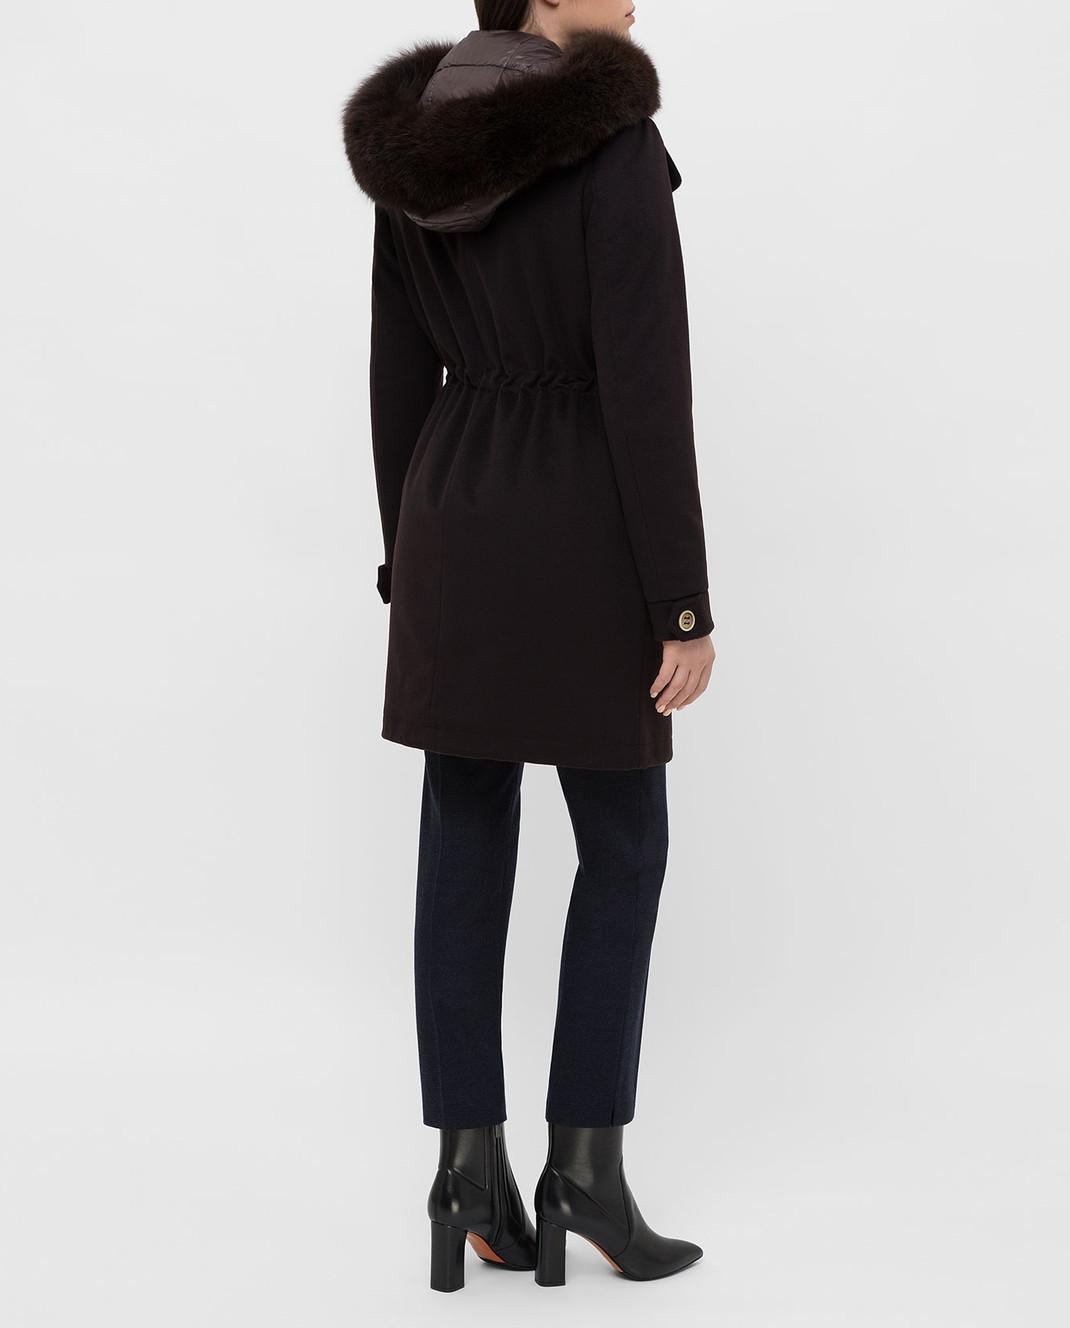 Heresis Темно-коричневое пальто из шерсти P1290VO изображение 4